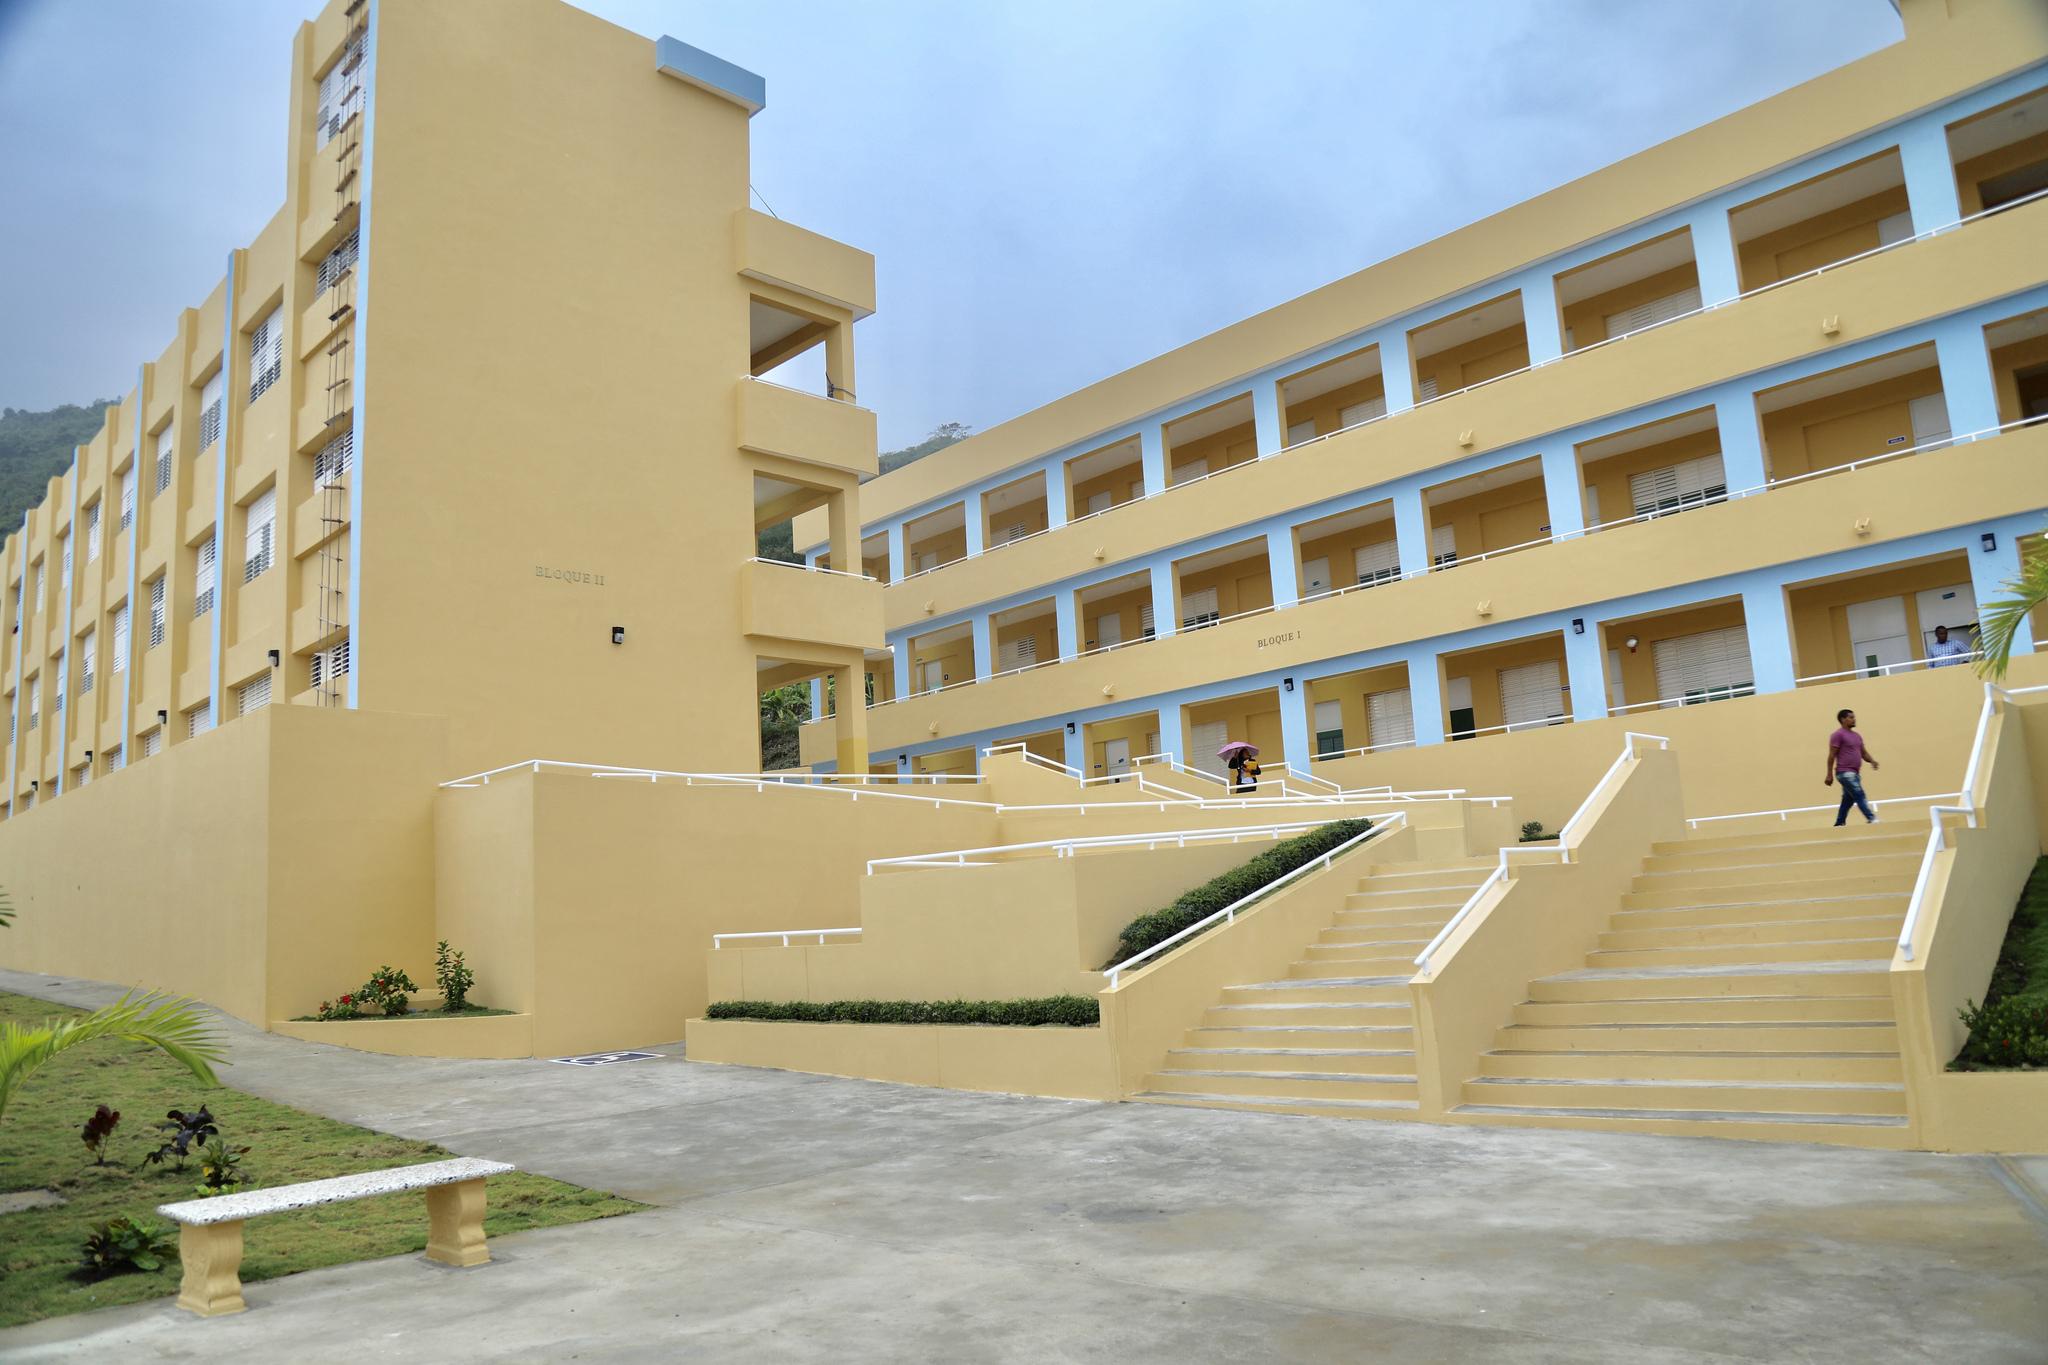 centros educativos y una estancia infantil, Presidente Danilo medina entrega tres modernos centros educativos y una estancia infantil en Barahona